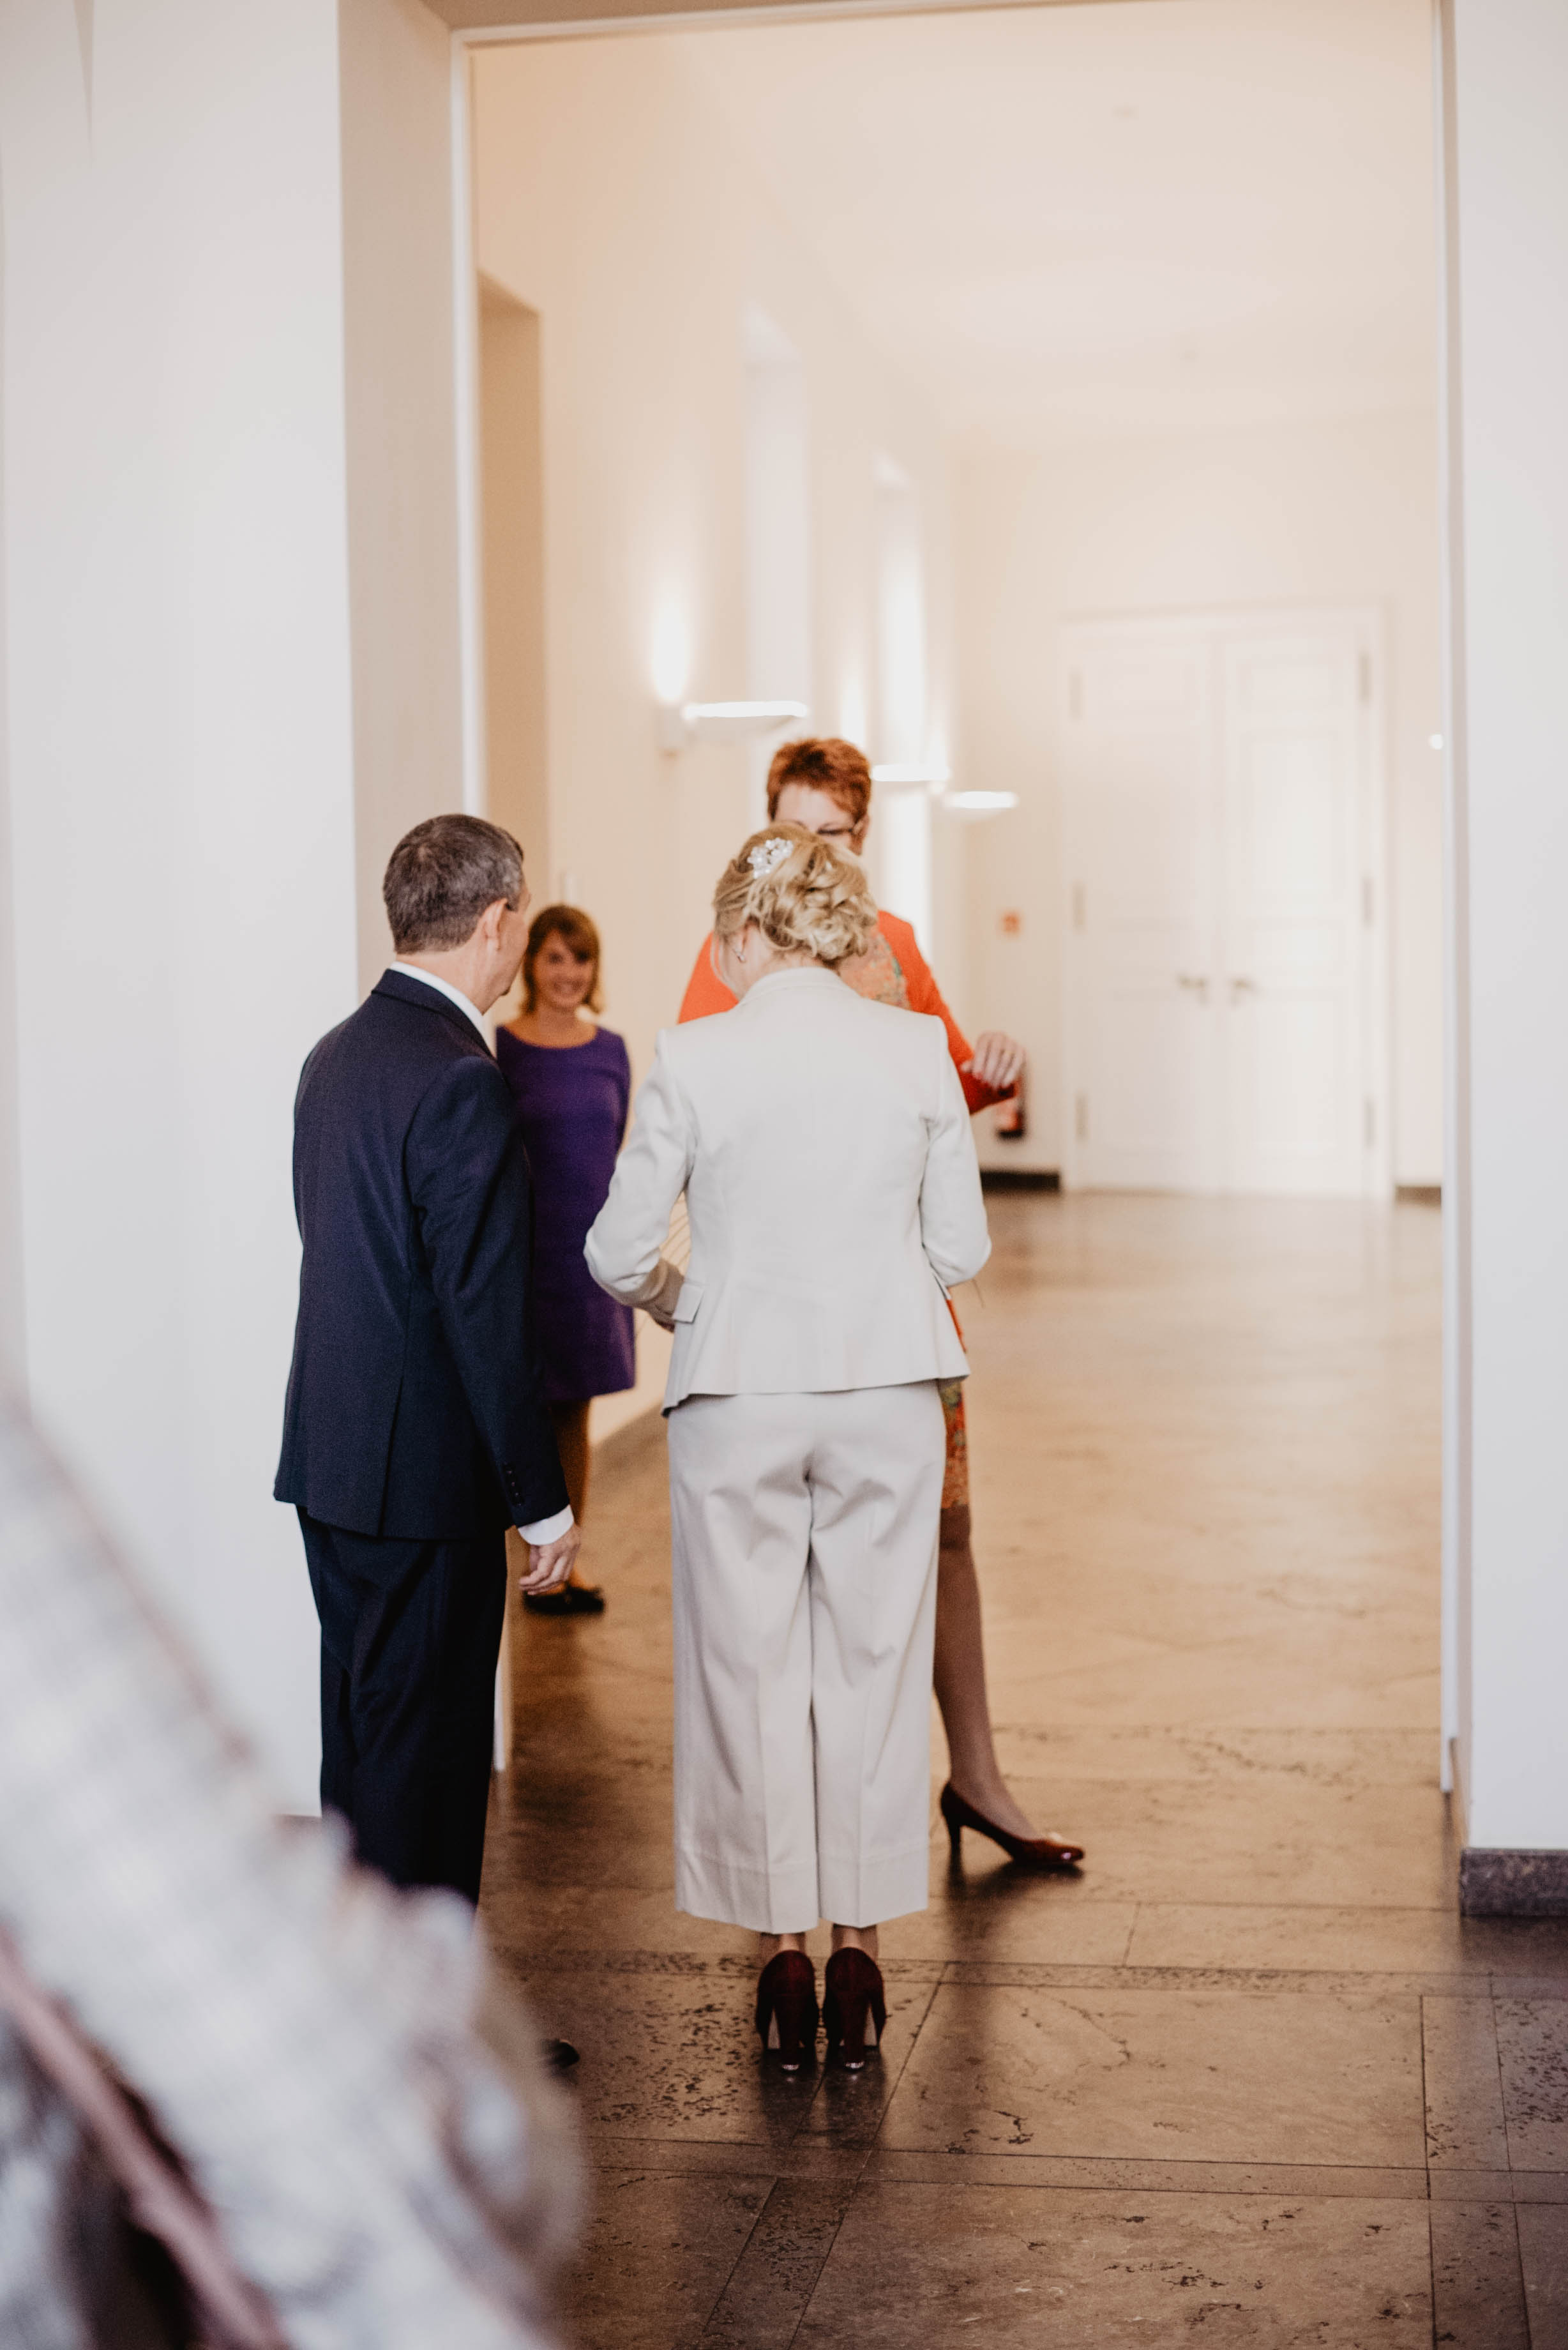 Hochzeit Standesamt Bonn by Lucy Wedding Photography-14.jpg